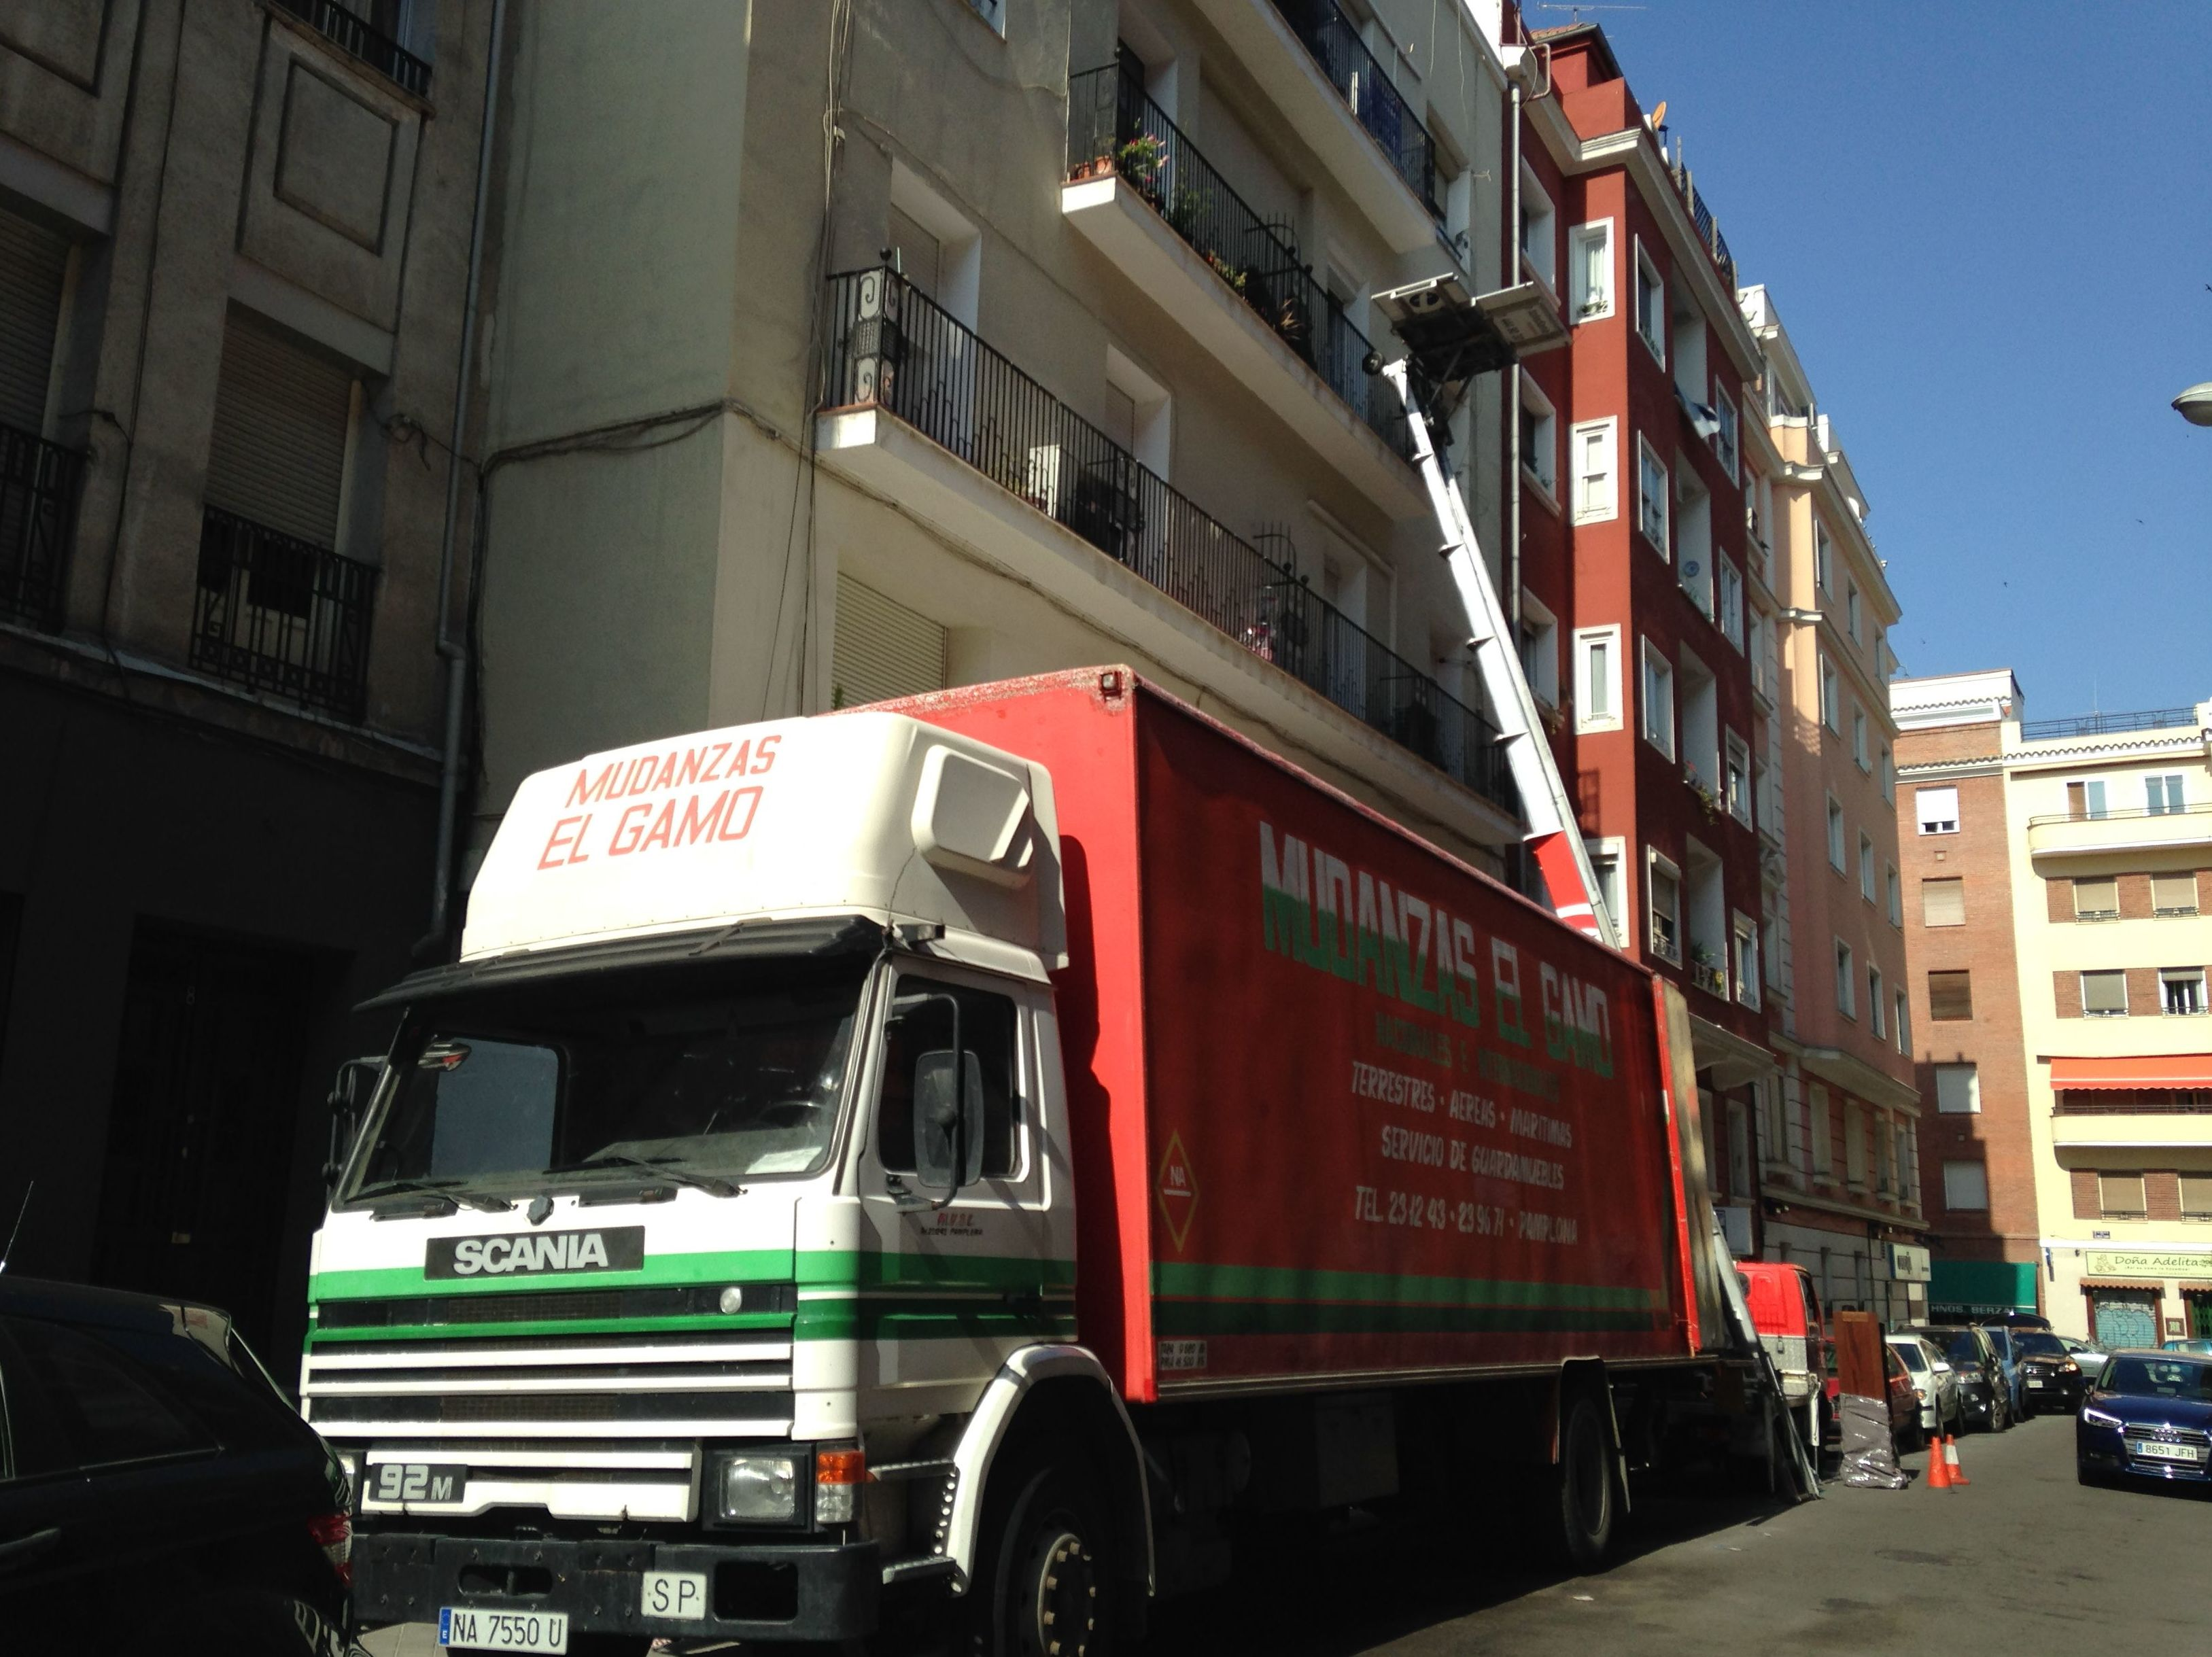 Mudanzas Gamo en Madrid.